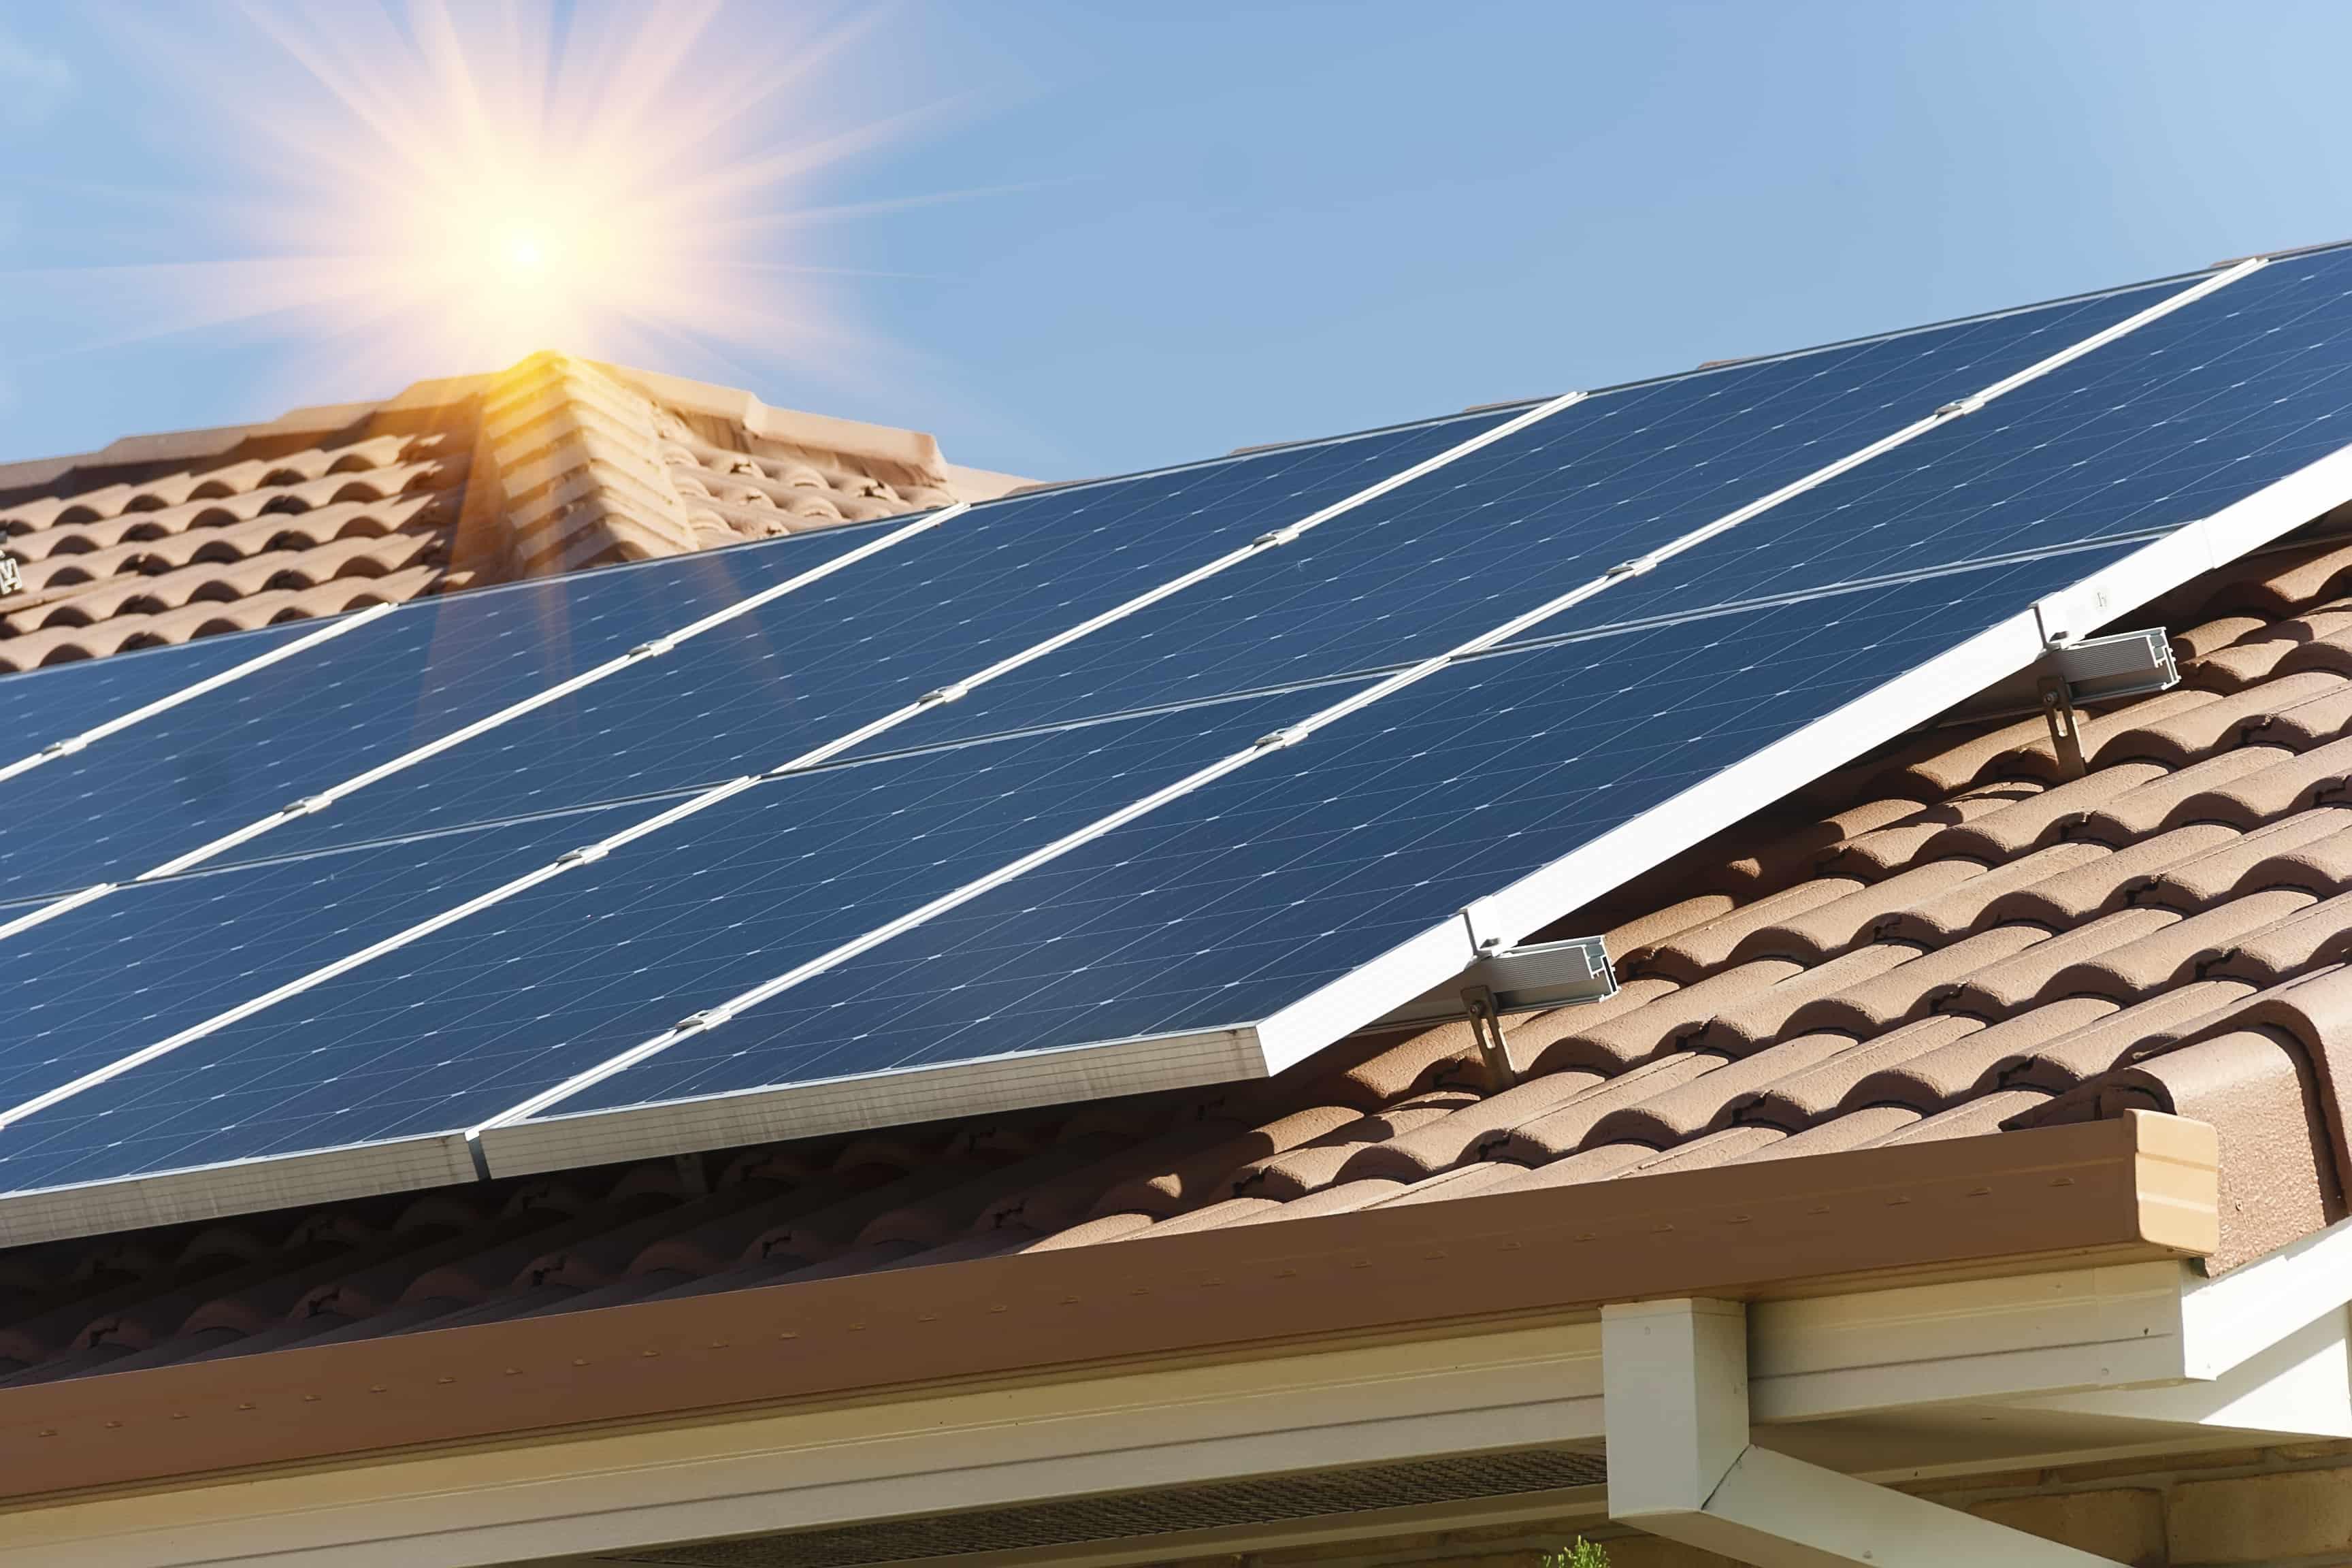 wartung photovoltaik wie oft